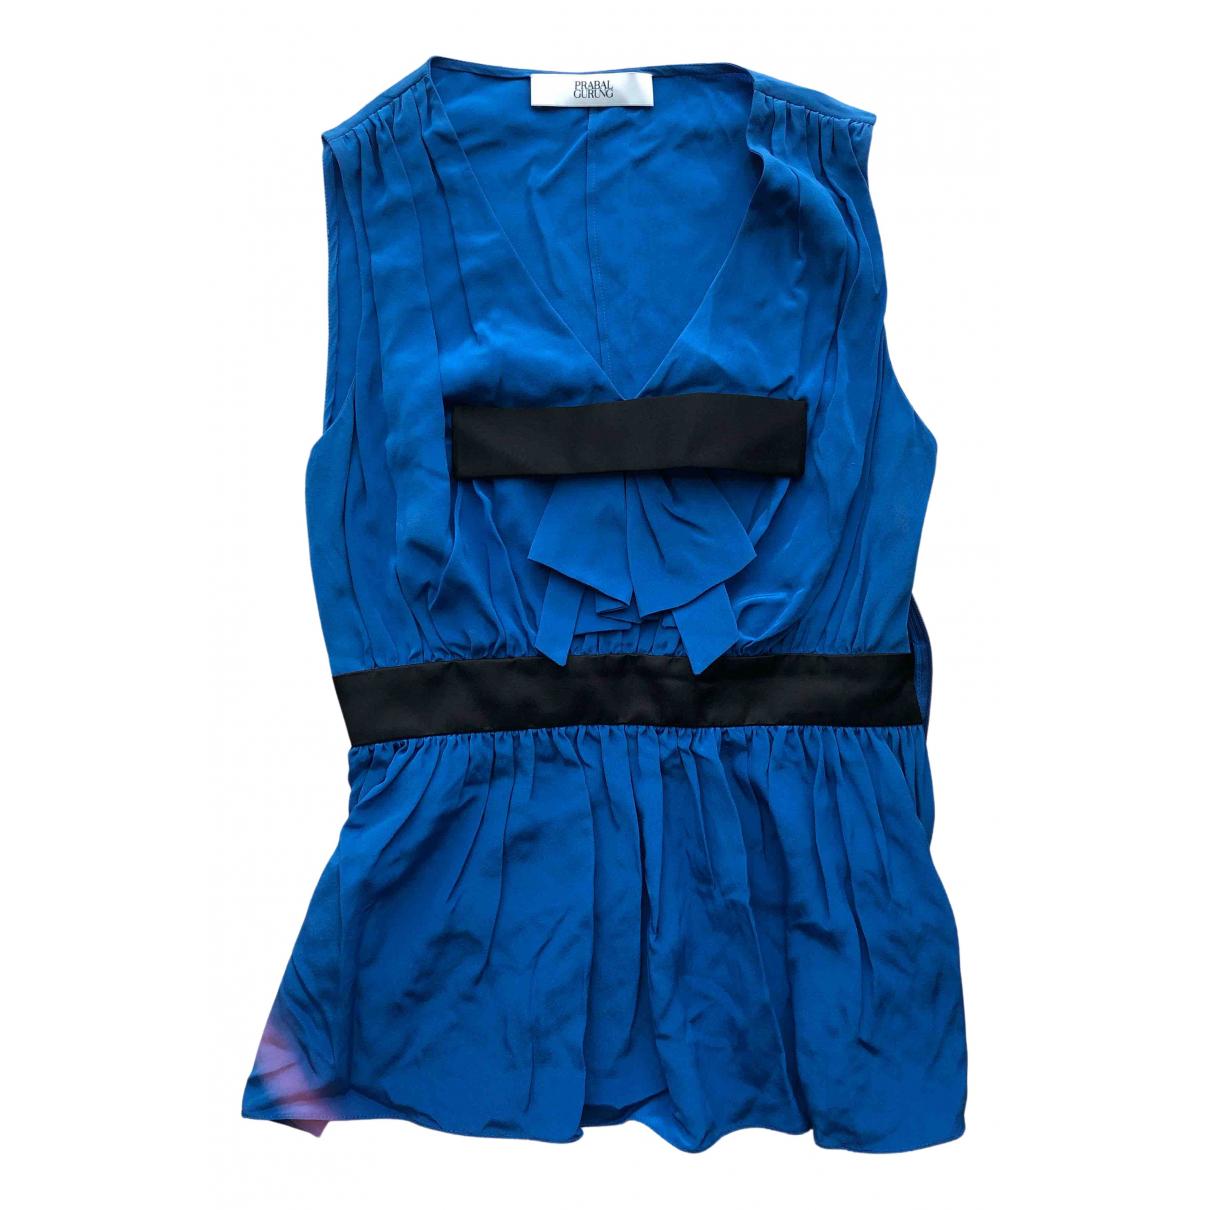 Prabal Gurung N Blue Silk  top for Women 4 US